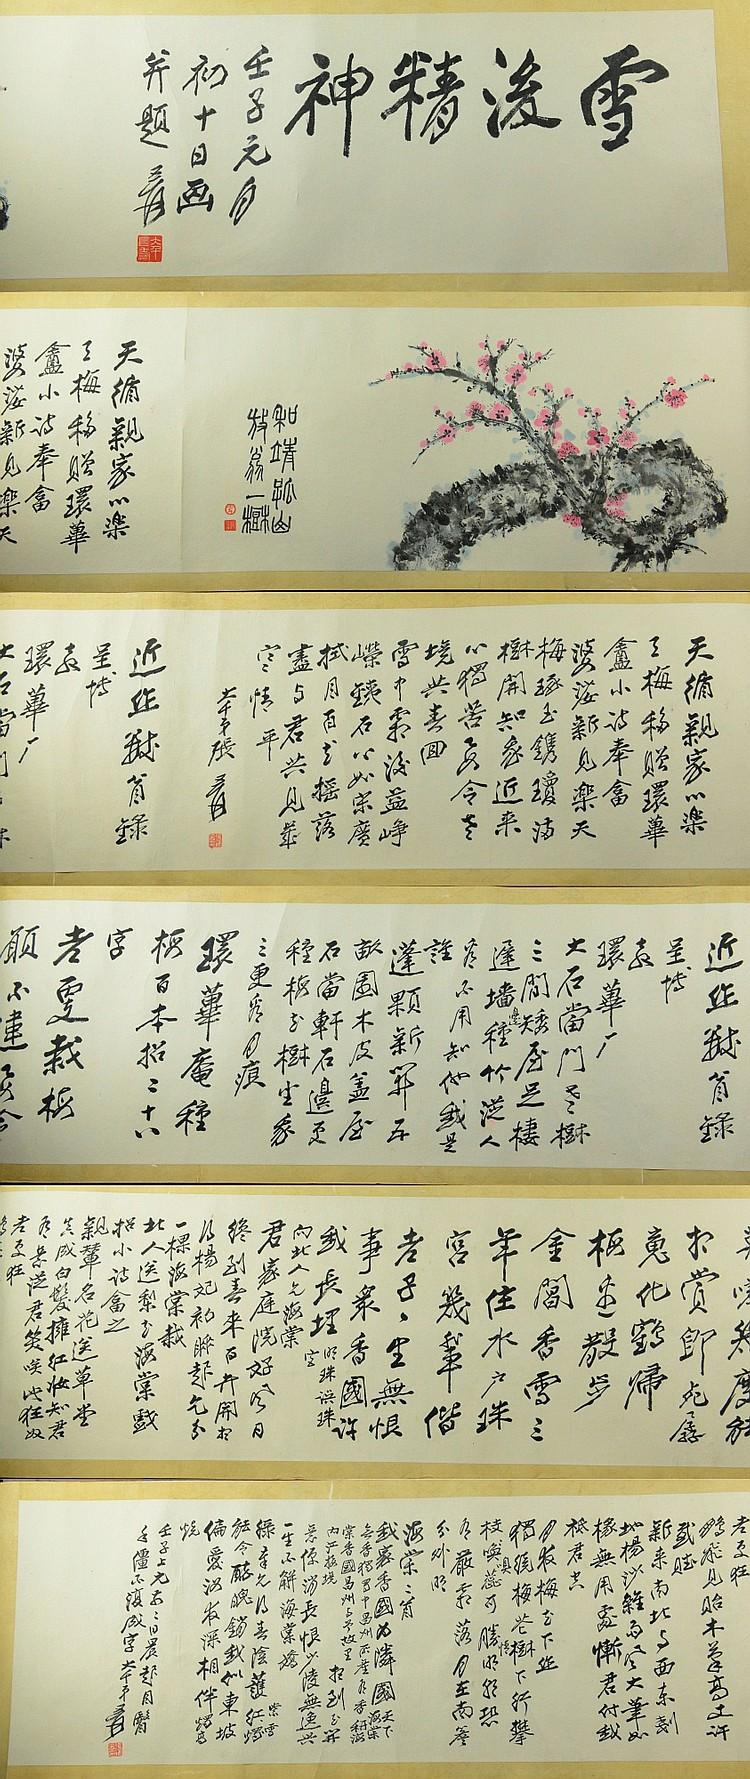 Chinese Long Calligraphy Signed Zheng Da Qian